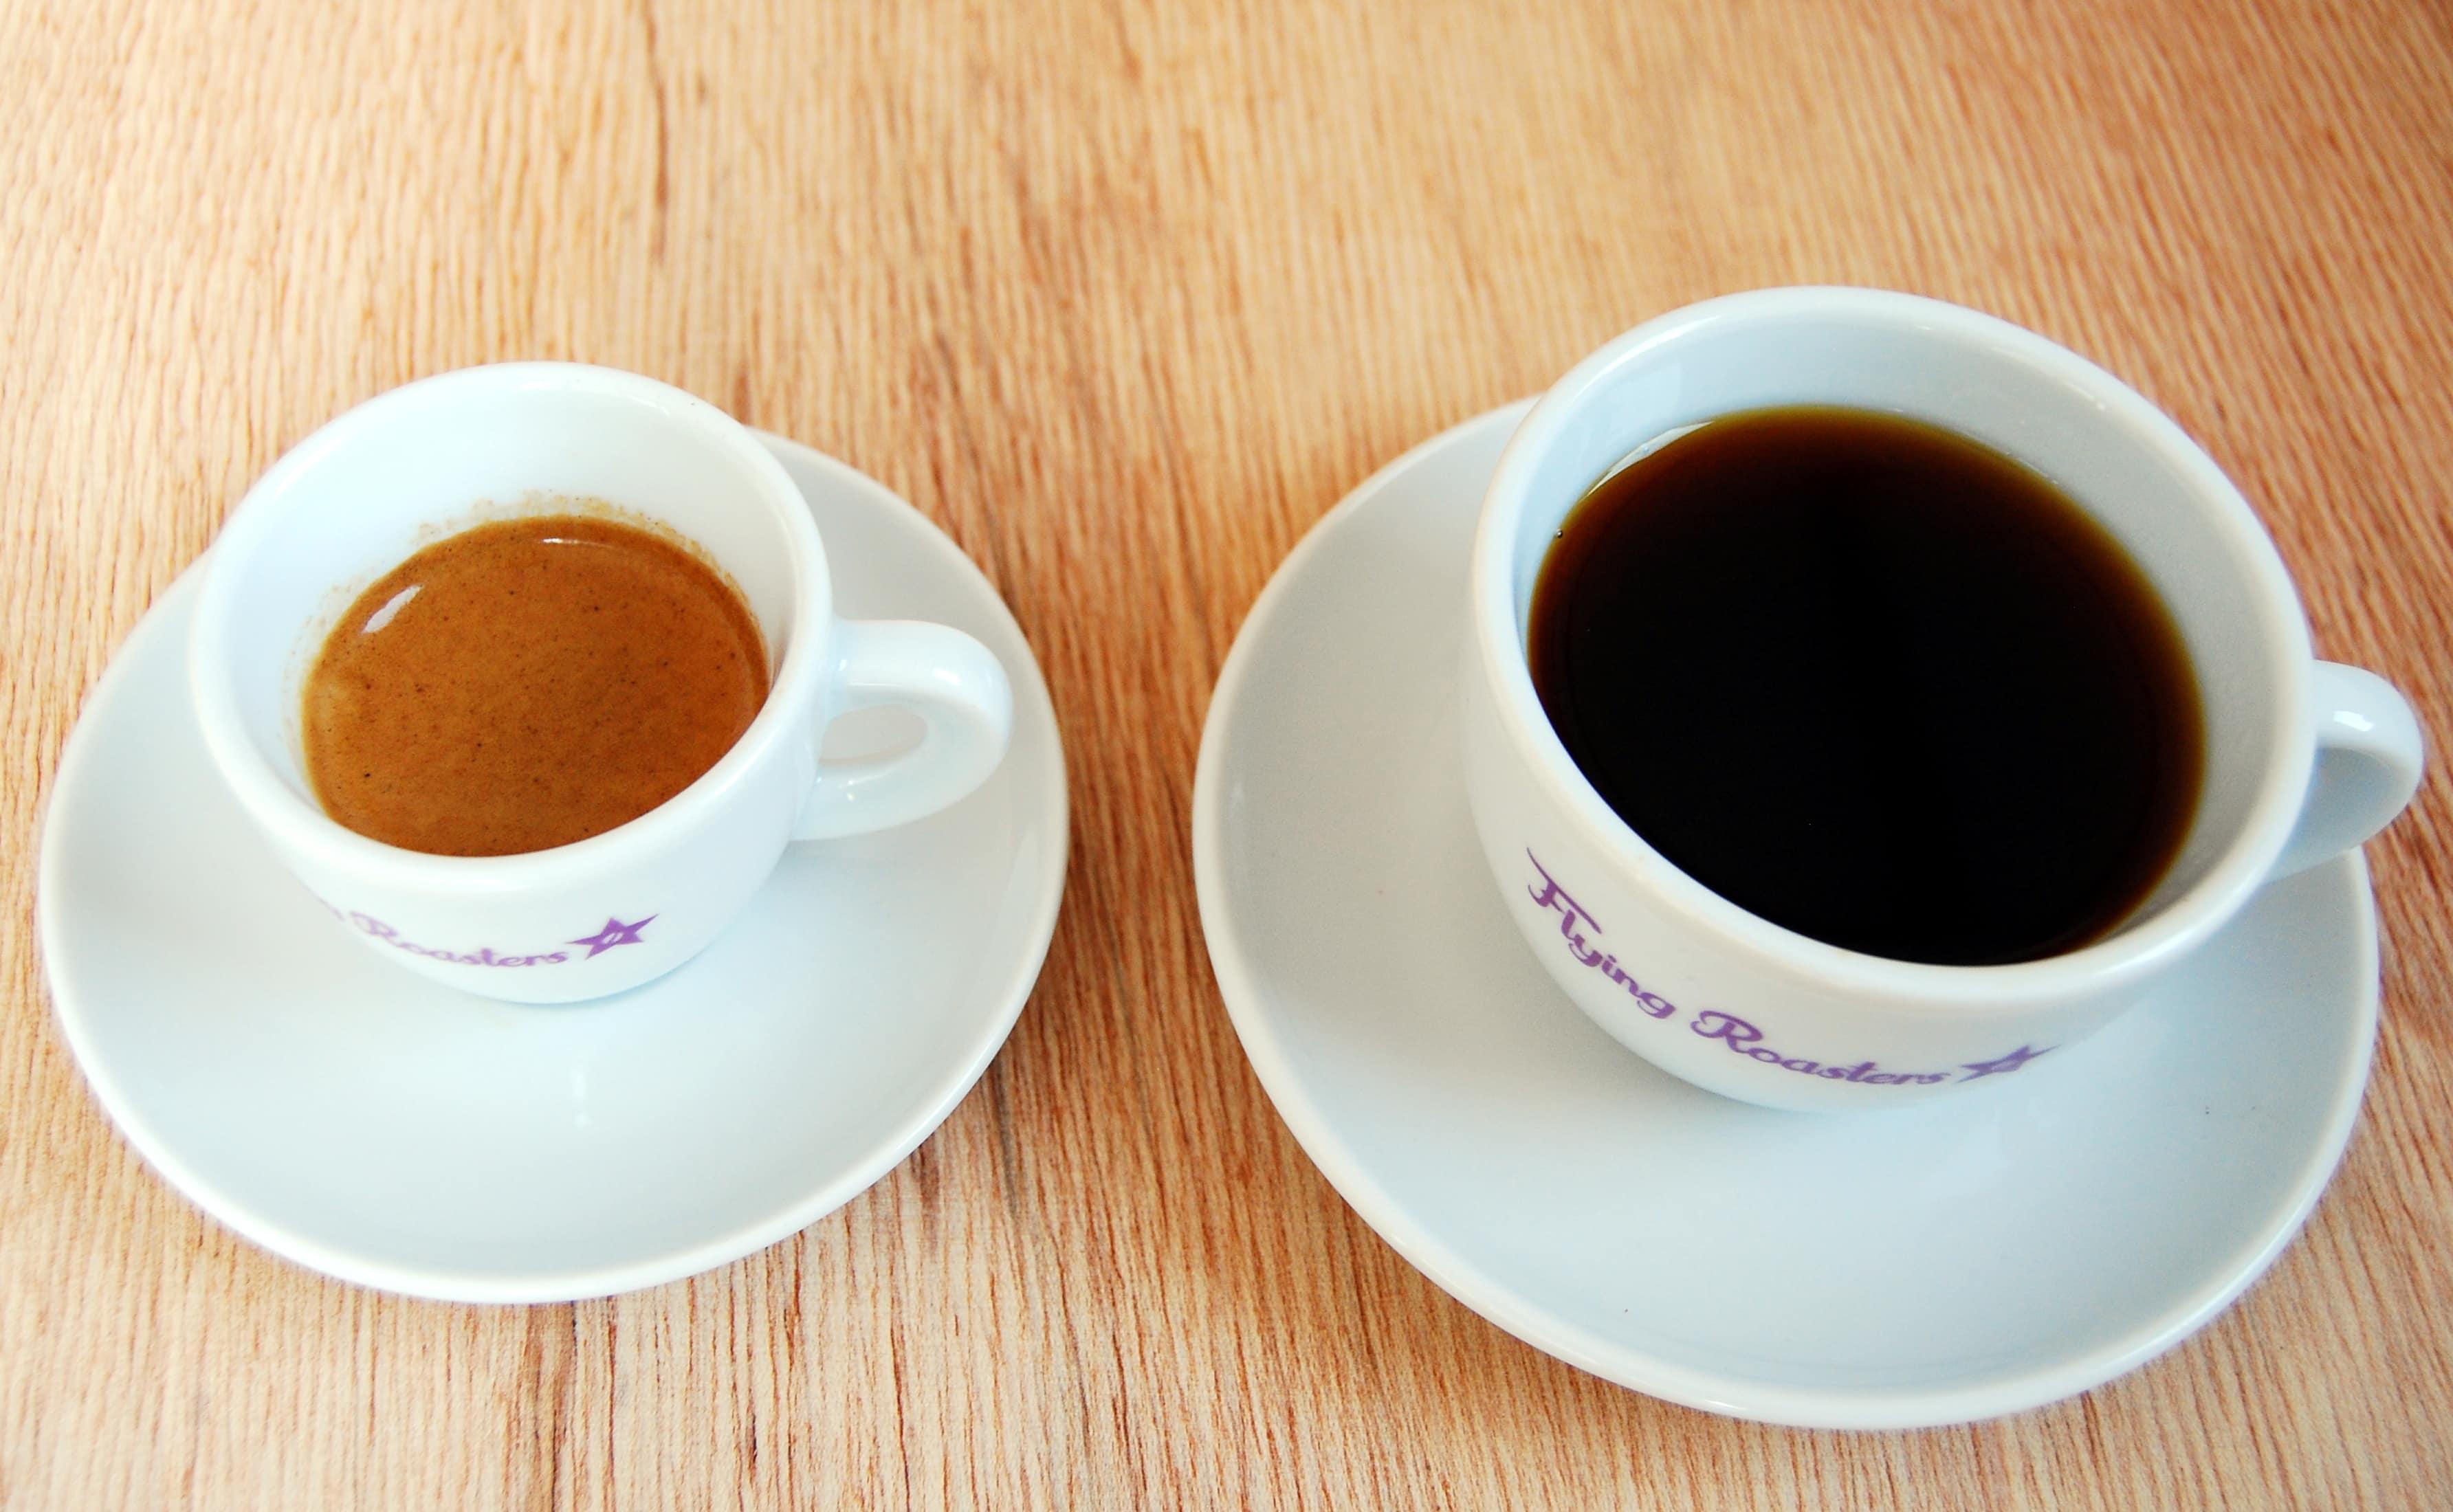 Unterschied zwischen Filterkaffee und Espresso Röstung